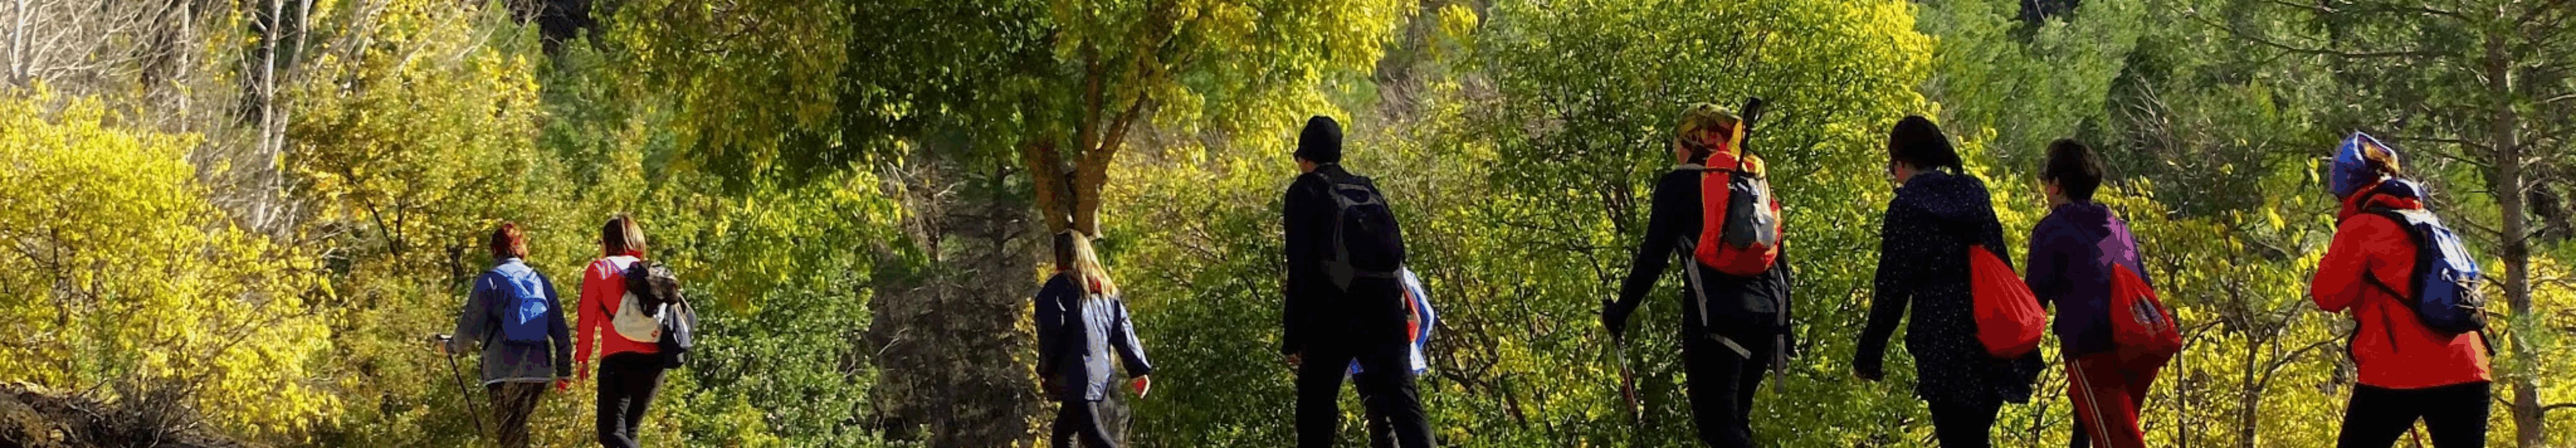 Rutas de senderismo, BTT y trail <span> en la Sierra de Albacete </span>